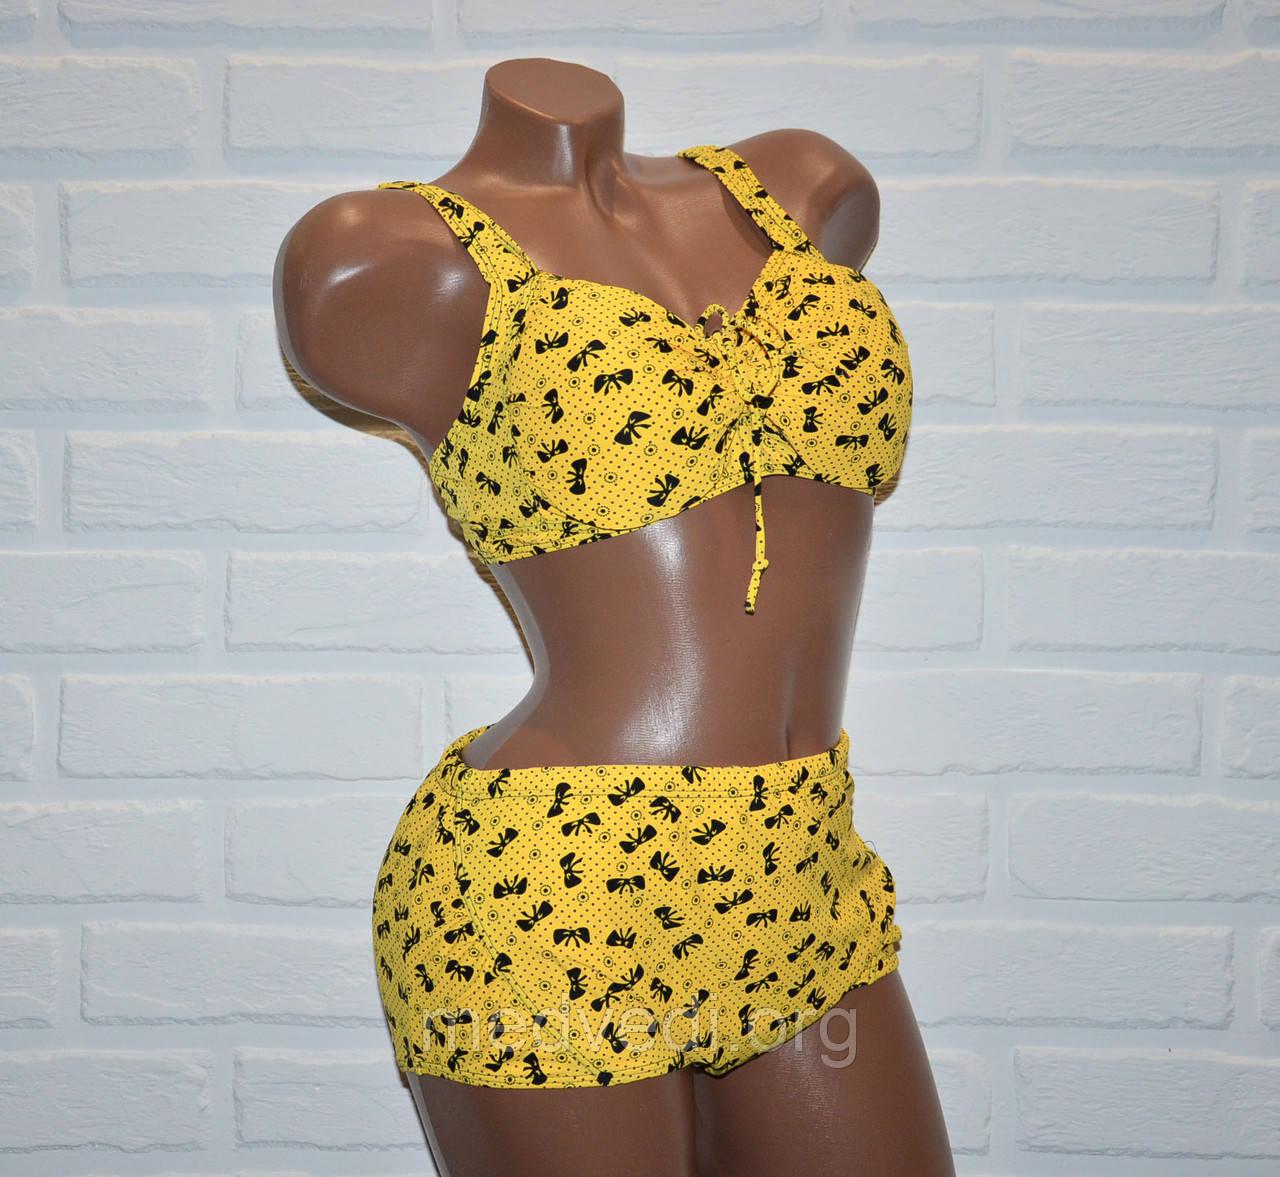 Большой размер 62, раздельный желтый женский купальник, для большой груди, принт бантики, на завязках